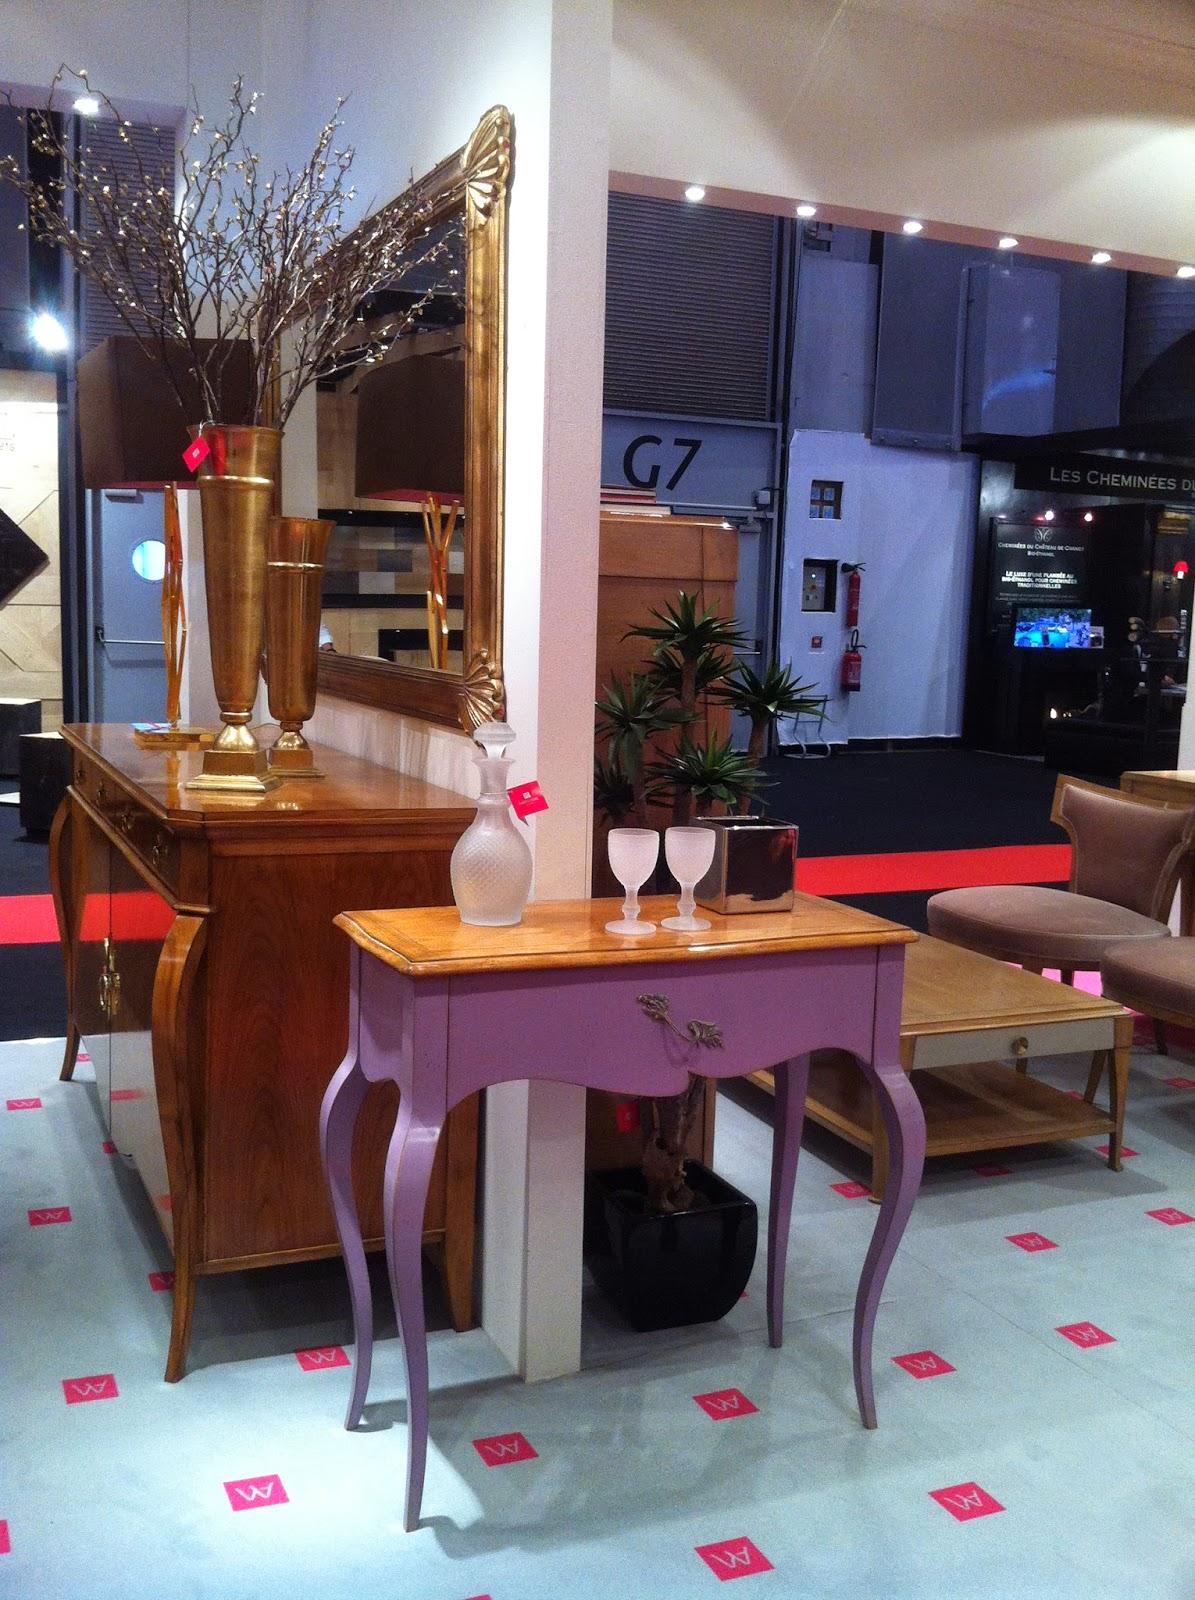 lojas de decoracao de interiores em leiria : lojas de decoracao de interiores em leiria:Vamos dar vida aos ambientes clássicos com peças de mobiliário